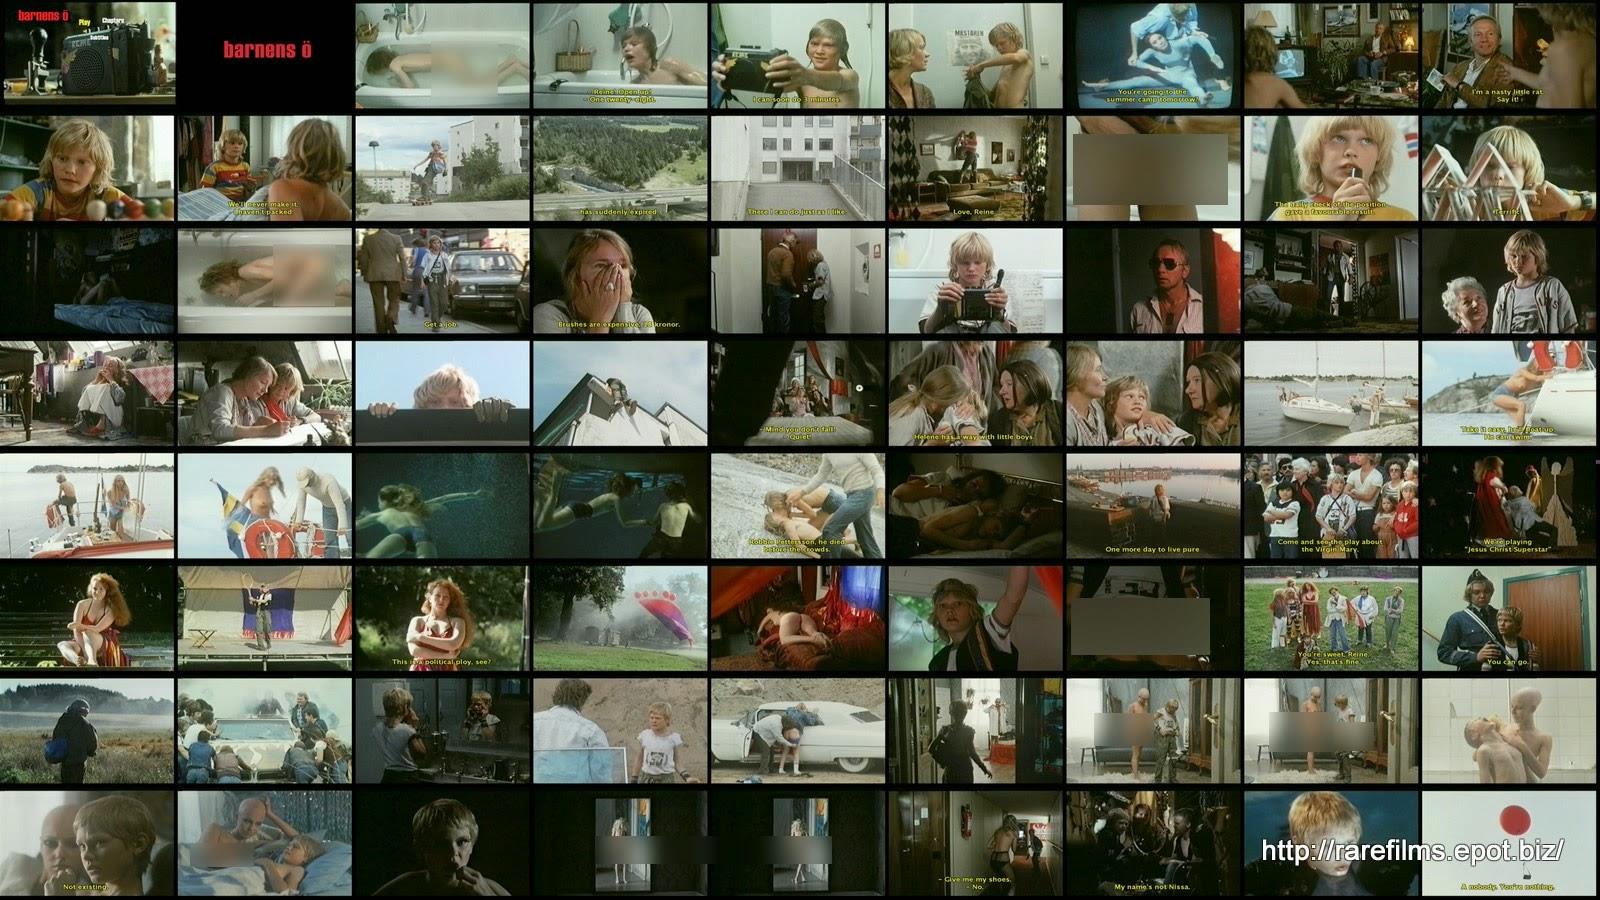 Детский остров / Barnens ö / Children's Island. DVD.